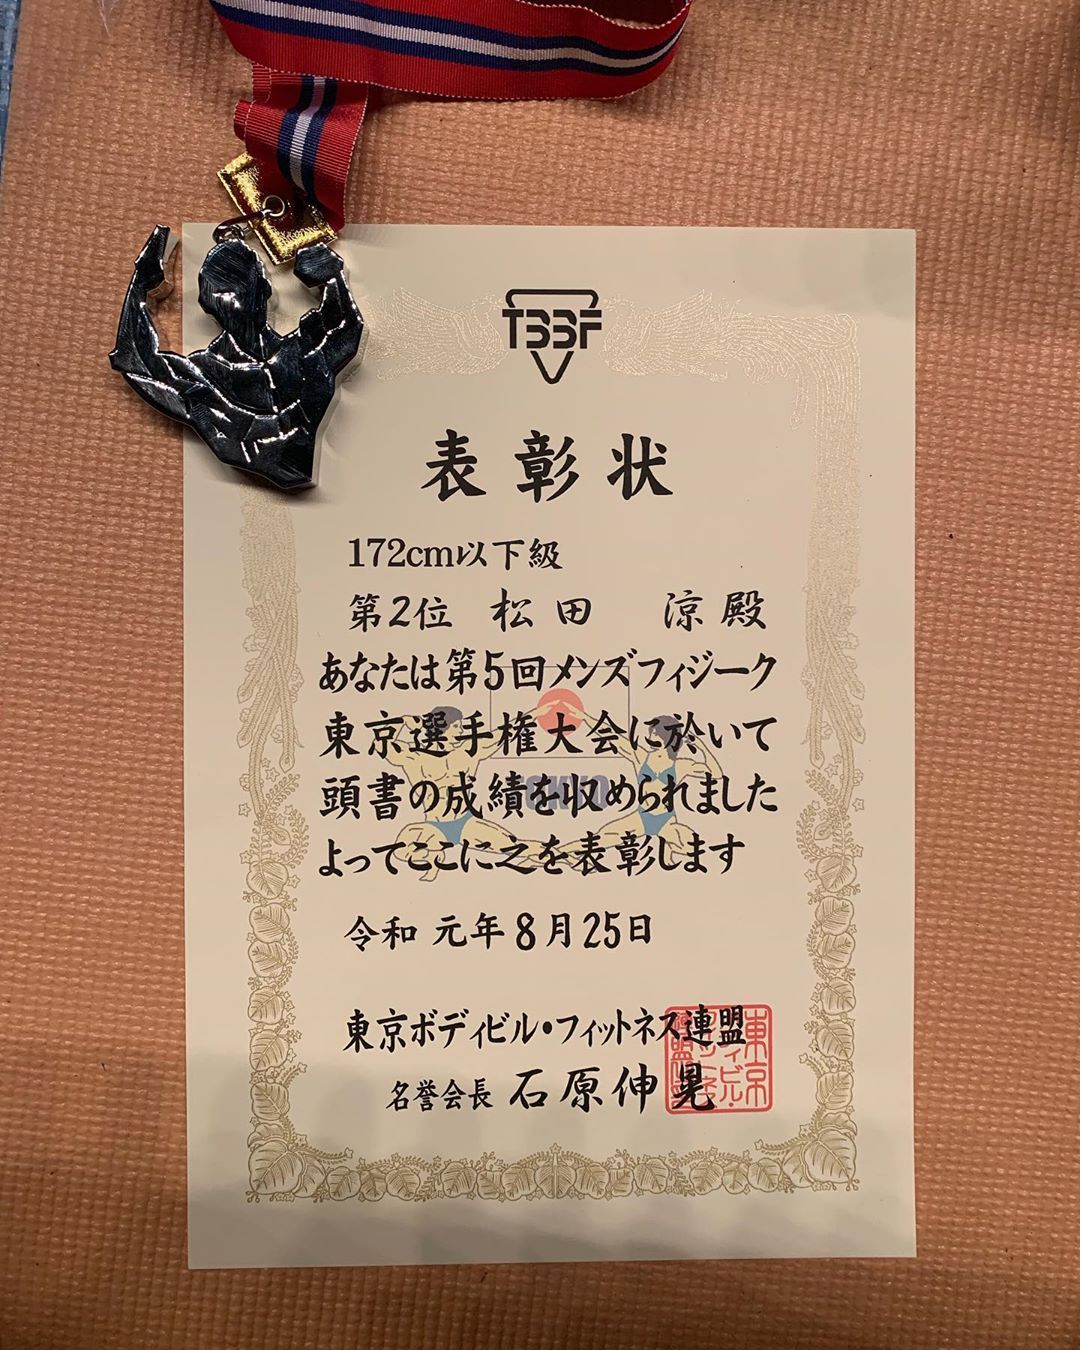 ・ 取り急ぎ報告ってやつです!! ・ 第5回メンズフィジーク東京選手権に出場してきました!! ・ 結果は2...